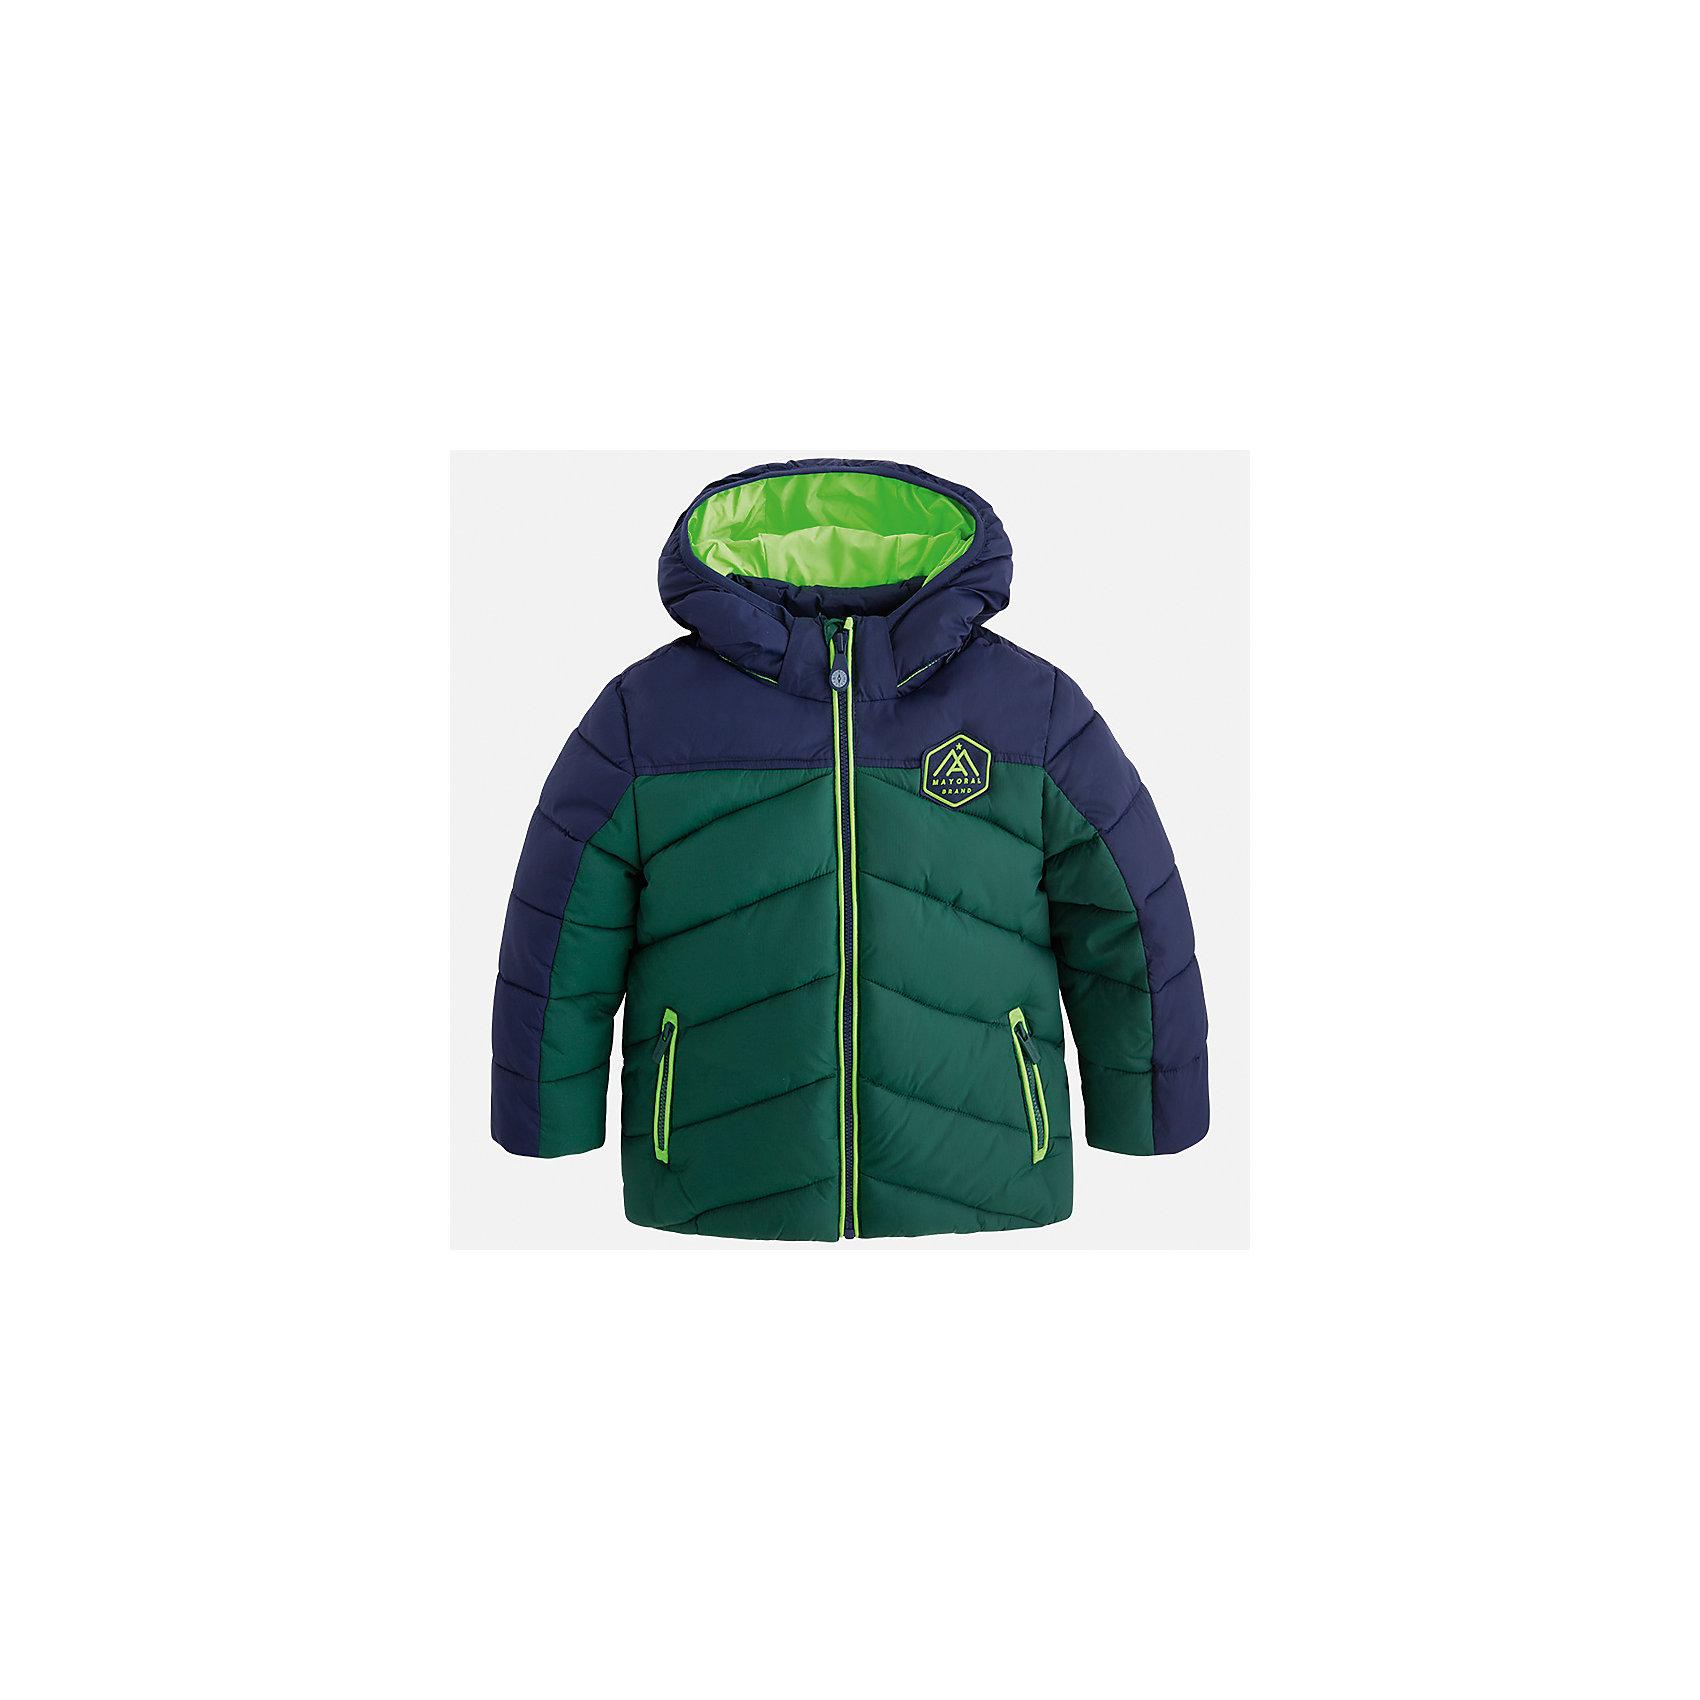 Куртка для мальчика MayoralДемисезонные куртки<br>Характеристики товара:<br><br>• цвет: зеленый<br>• состав ткани: 100% полиамид<br>• подкладка: 100% полиамид<br>• утеплитель: 100% полиэстер<br>• сезон: демисезон<br>• температурный режим: от -10 до +10<br>• особенности модели: с капюшоном, дутая, стеганая<br>• карманы на молнии<br>• застежка: пуговицы<br>• страна бренда: Испания<br>• страна изготовитель: Индия<br><br>Яркая демисезонная куртка для мальчика от Майорал поможет обеспечить ребенку комфорт и тепло. Детская куртка с капюшоном отличается модным и продуманным дизайном. В куртке для мальчика от испанской компании Майорал ребенок будет выглядеть модно, а чувствовать себя - комфортно. <br><br>Куртку для мальчика Mayoral (Майорал) можно купить в нашем интернет-магазине.<br><br>Ширина мм: 356<br>Глубина мм: 10<br>Высота мм: 245<br>Вес г: 519<br>Цвет: зеленый<br>Возраст от месяцев: 96<br>Возраст до месяцев: 108<br>Пол: Мужской<br>Возраст: Детский<br>Размер: 134,92,98,104,110,116,122,128<br>SKU: 6934778